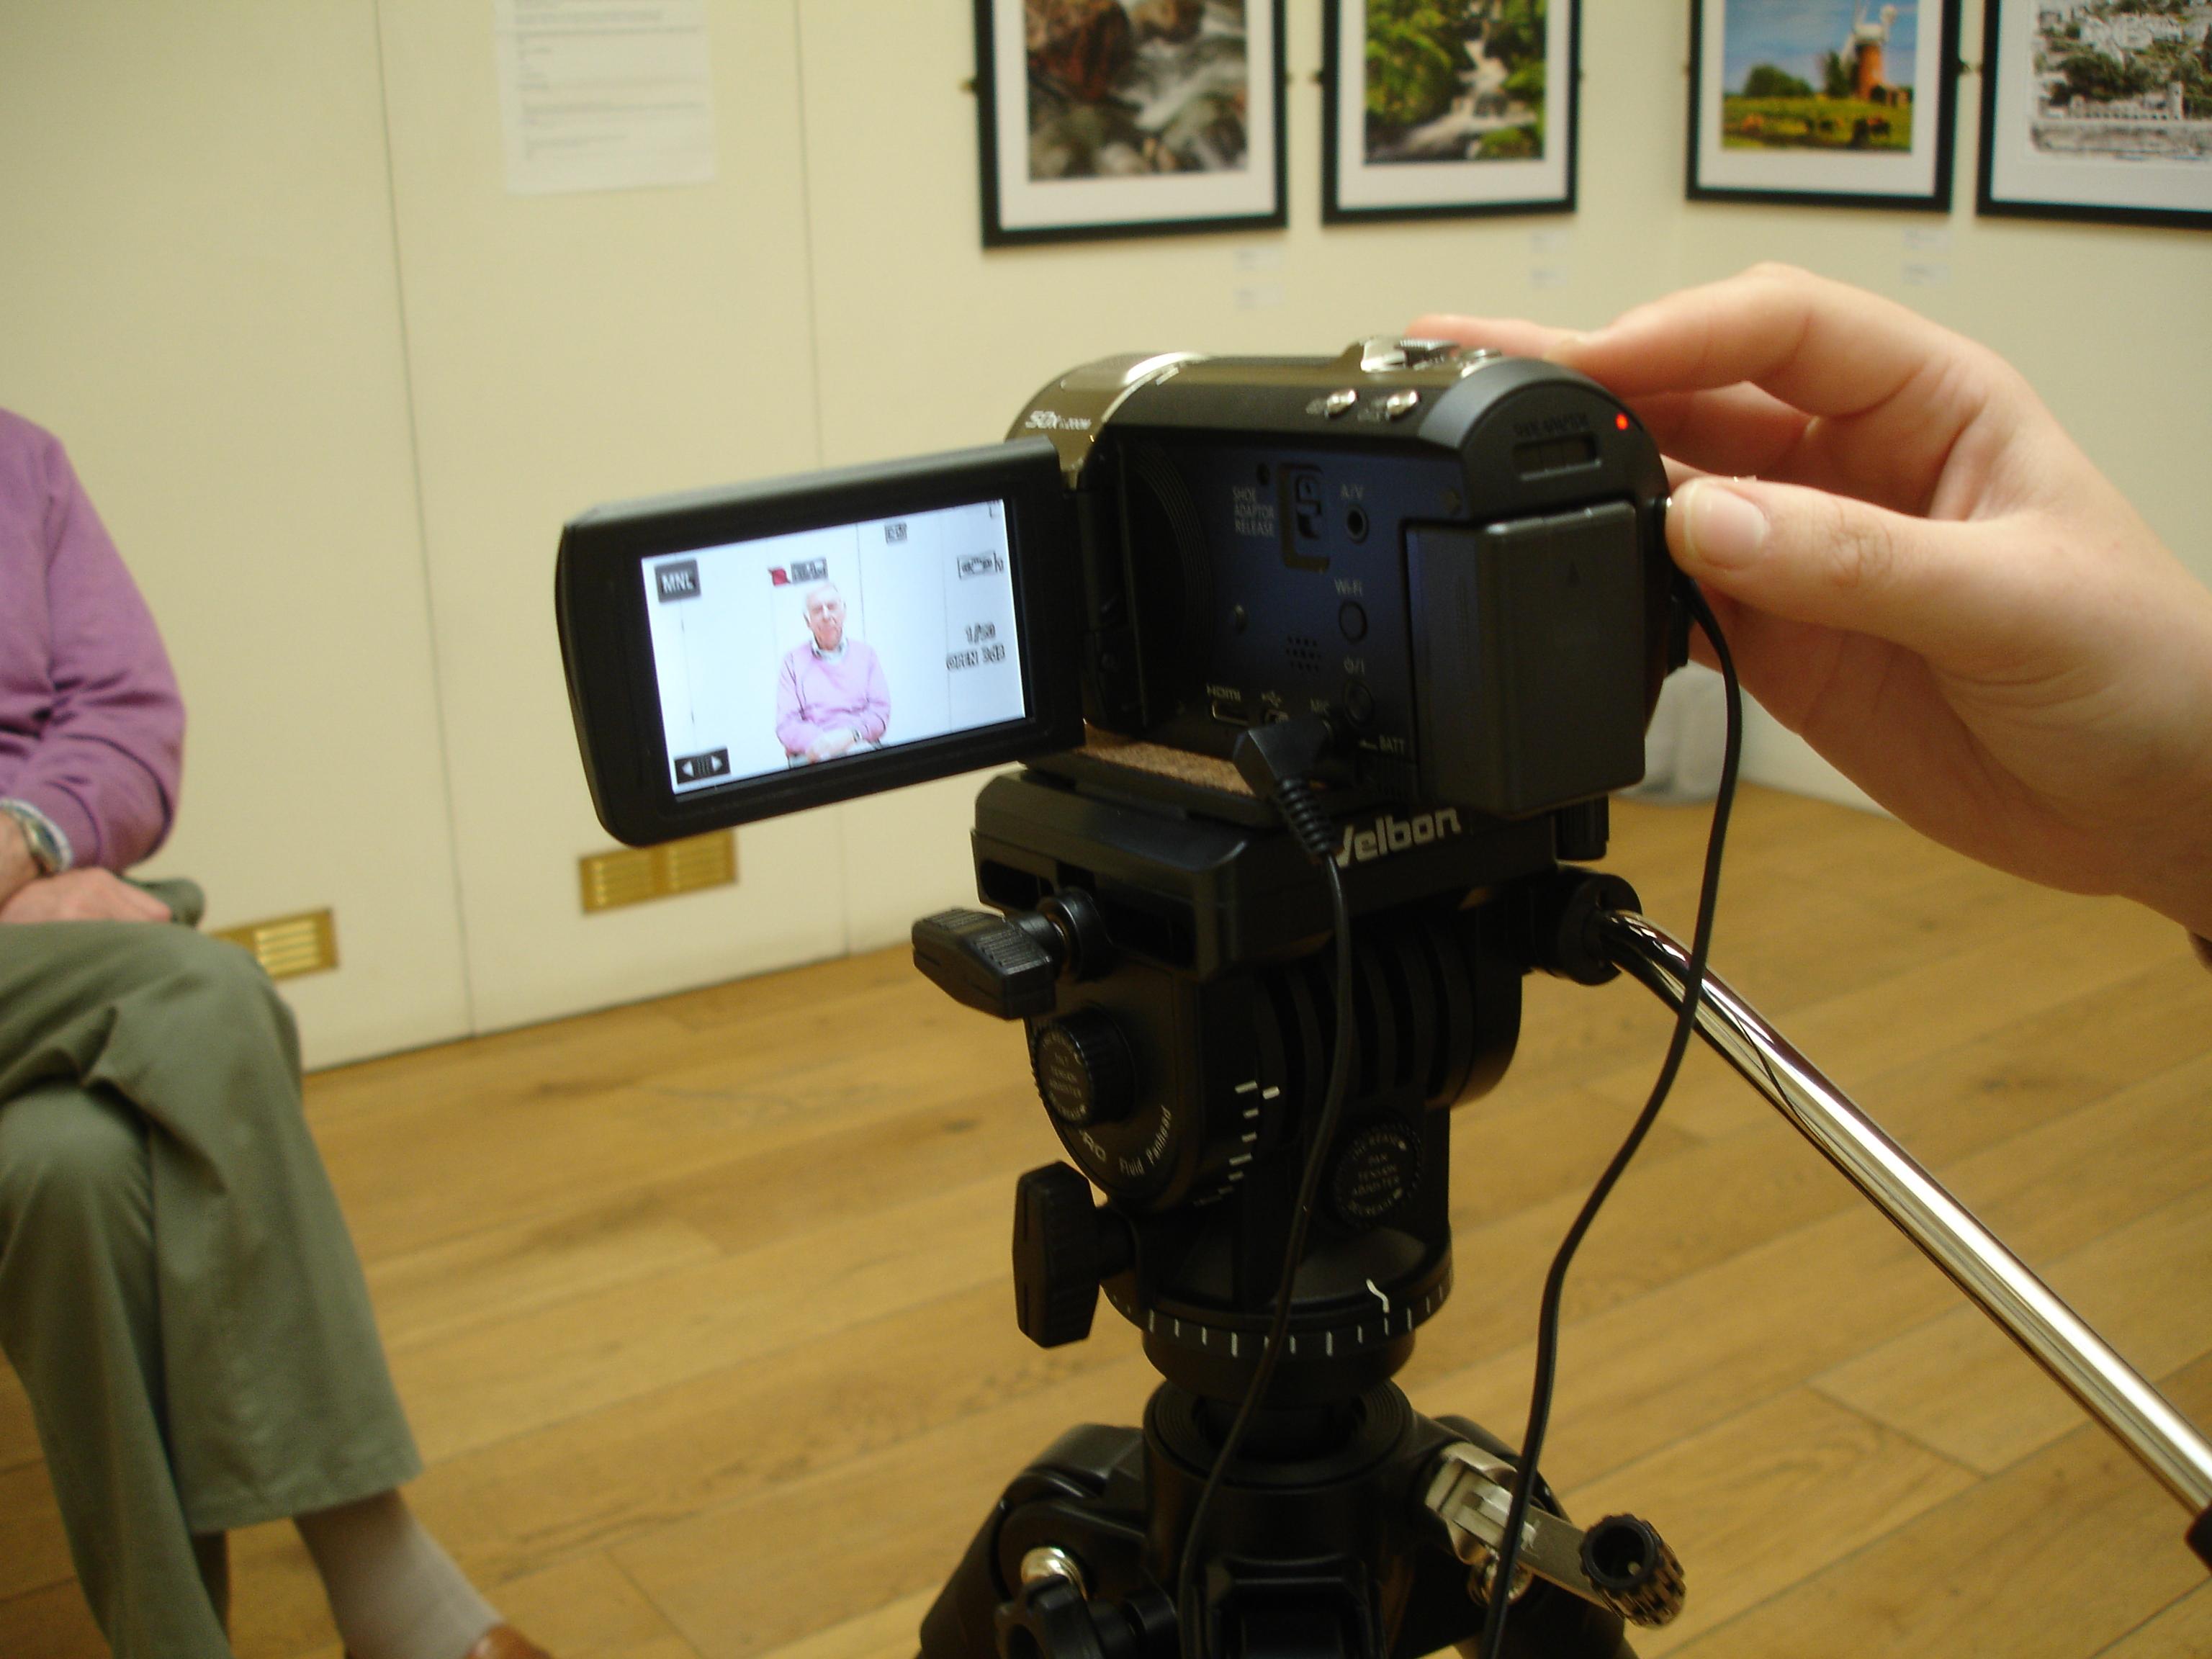 Camera Adjustments